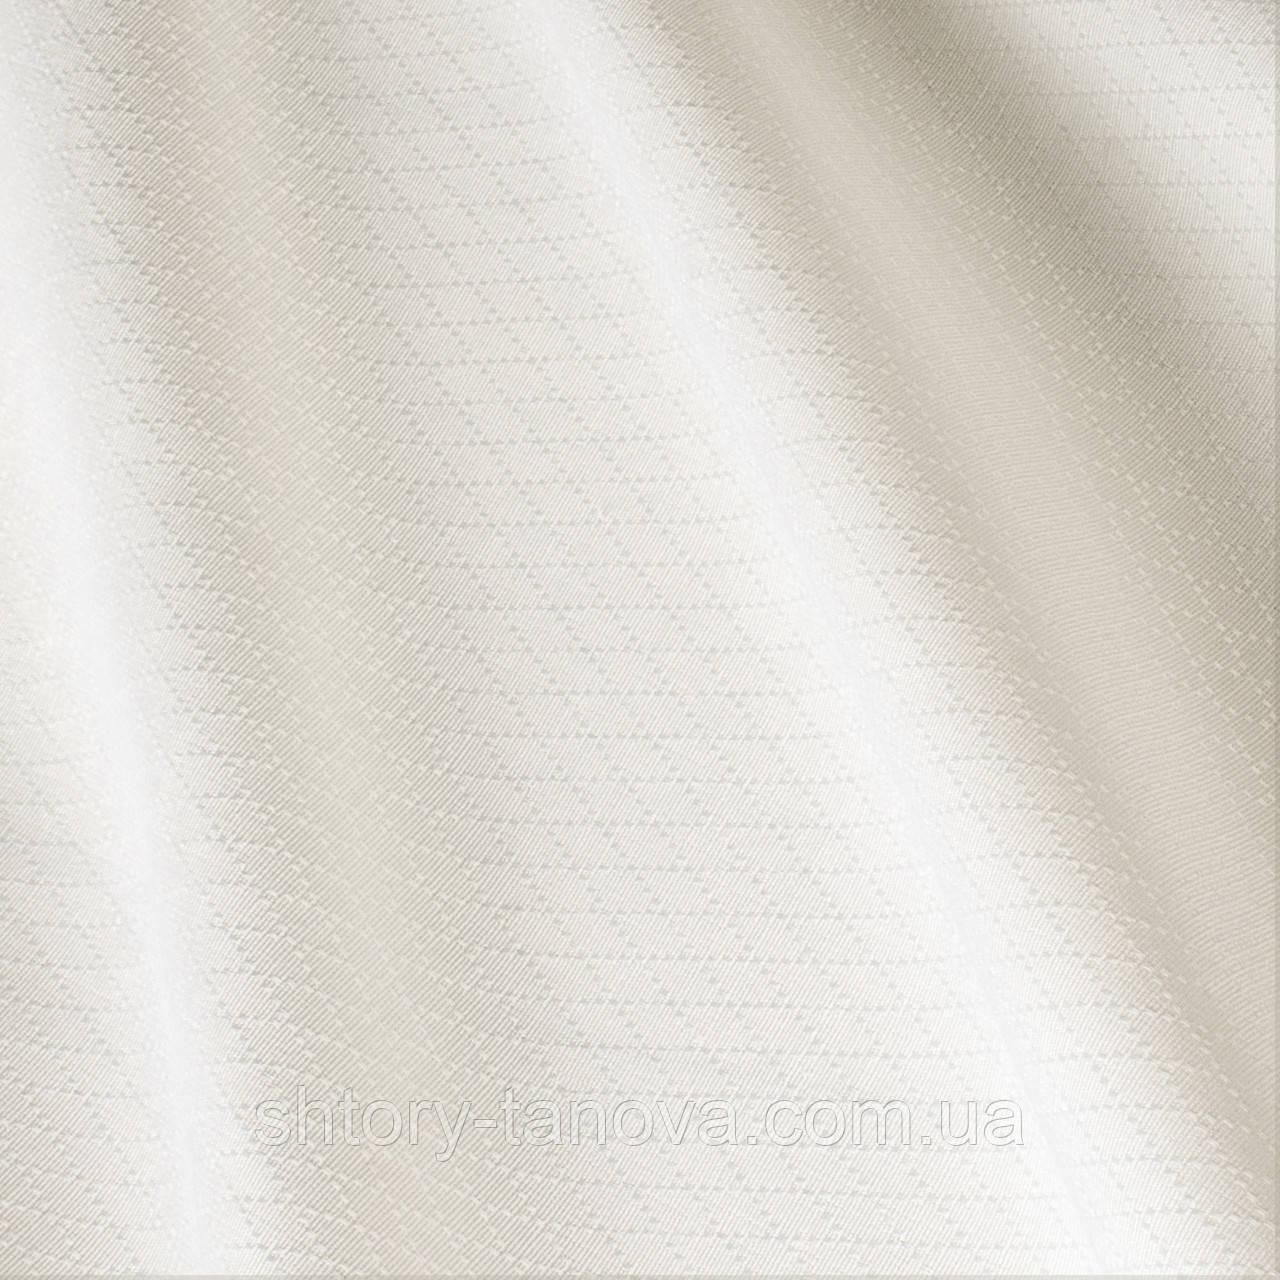 Однотонная итальянская молочная скатертная ткань